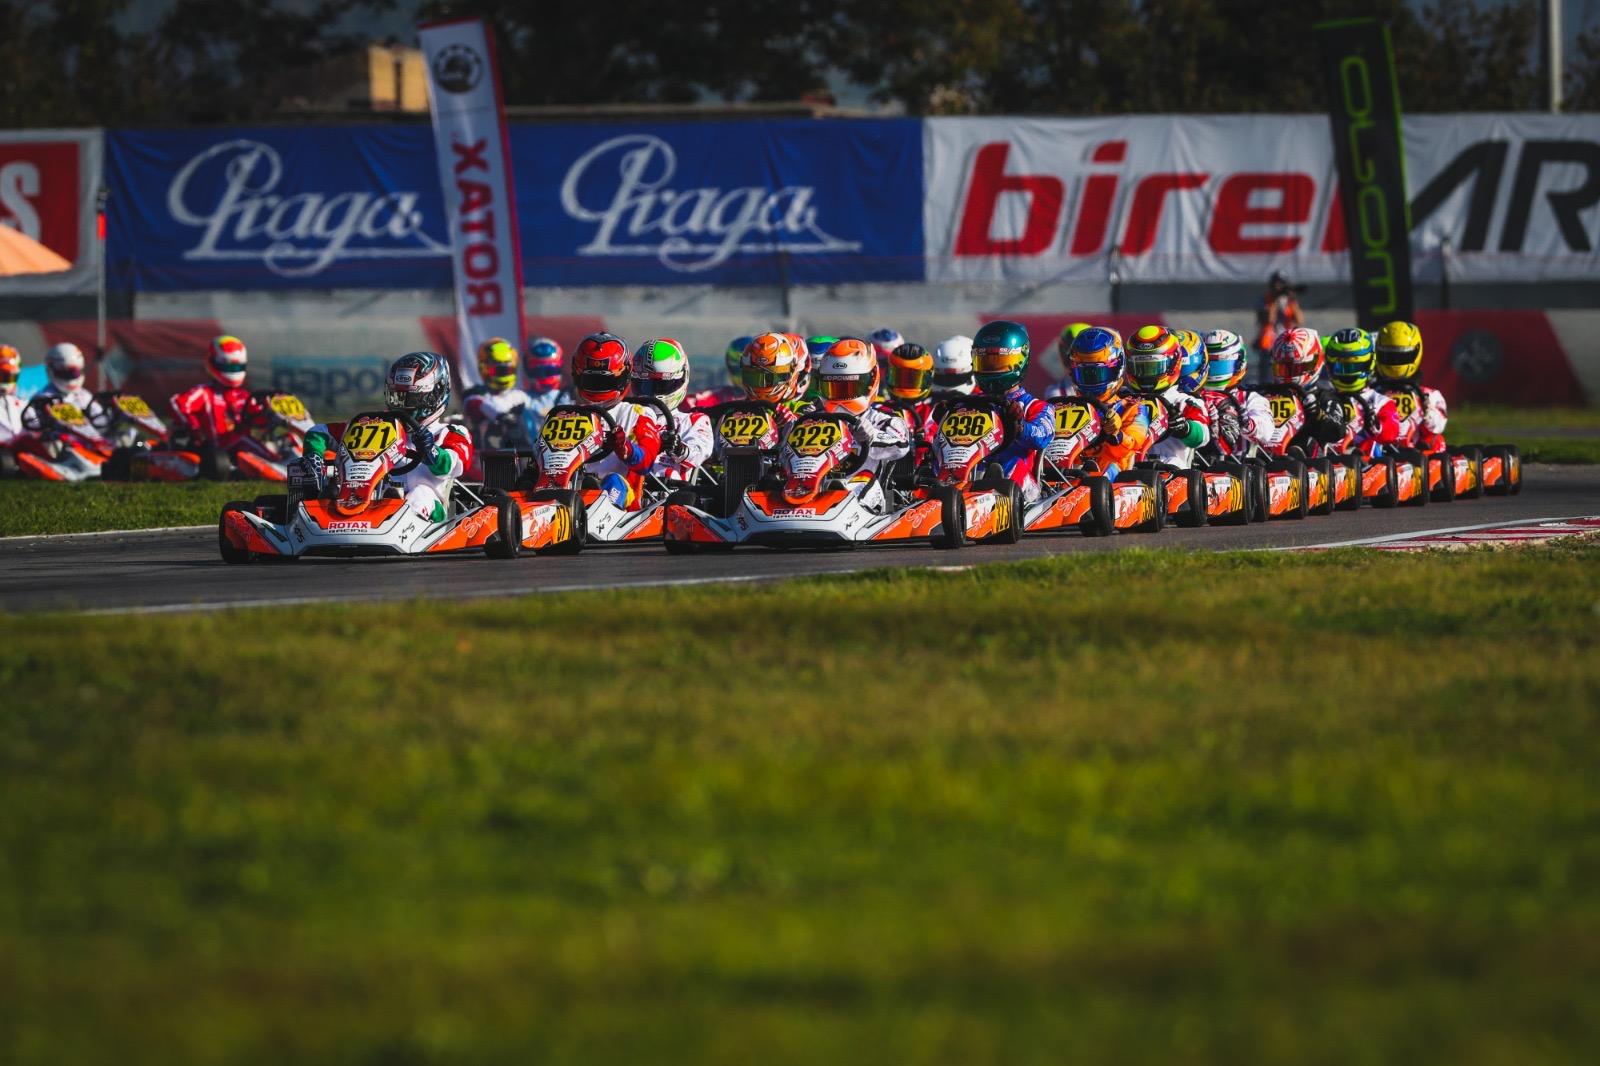 RMCGF 2019, Sarno - Finali